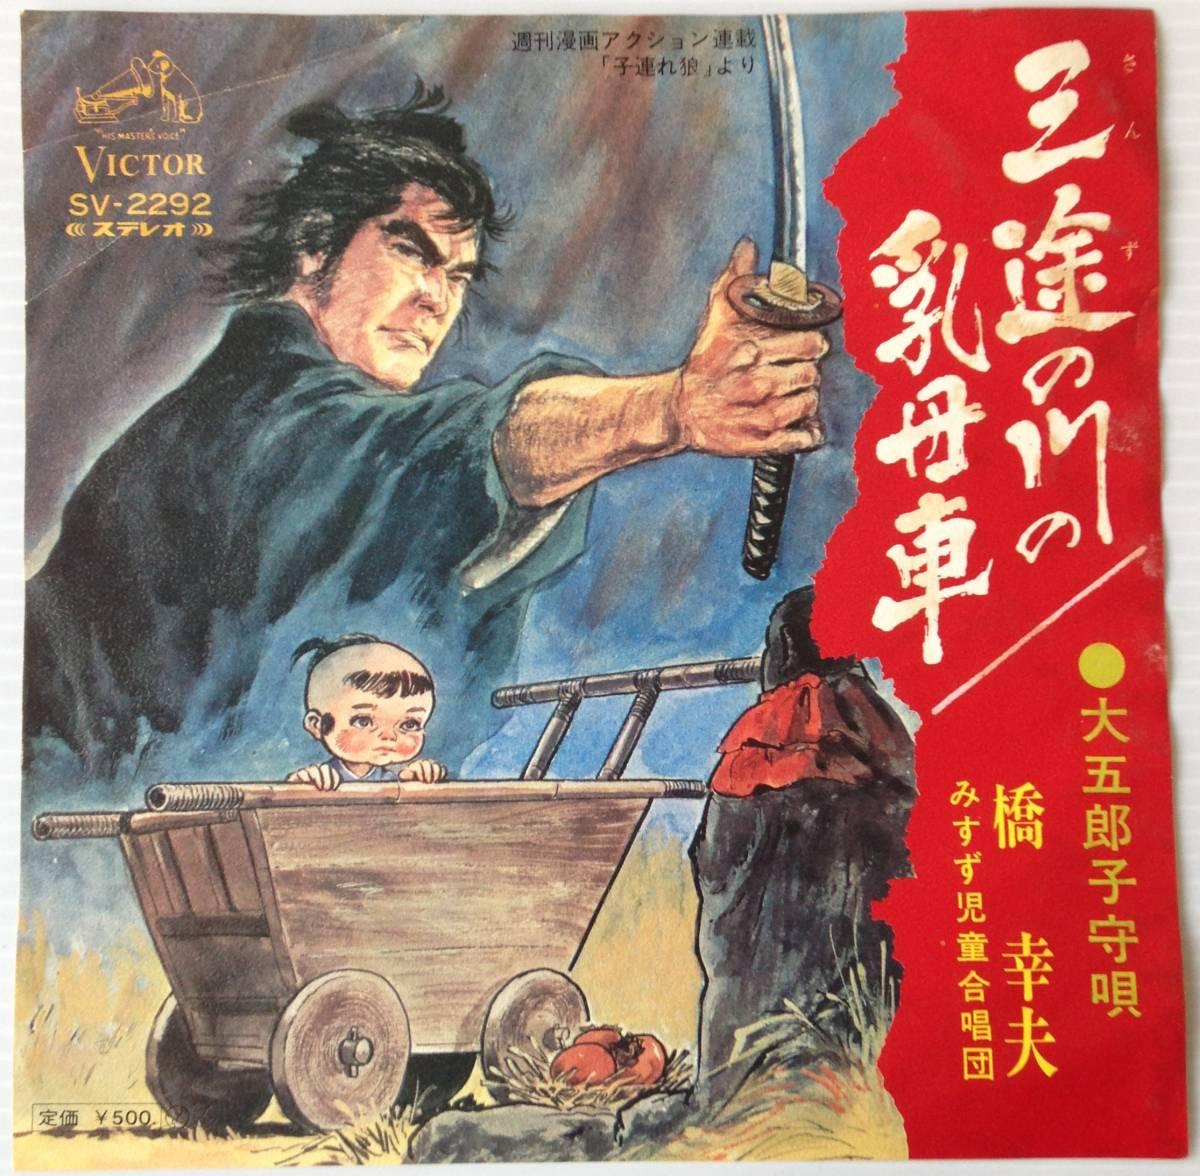 狼 大五郎 子連れ 箱車が大活躍!★「子連れ狼 地獄へ行くぞ!大五郎」(1974年